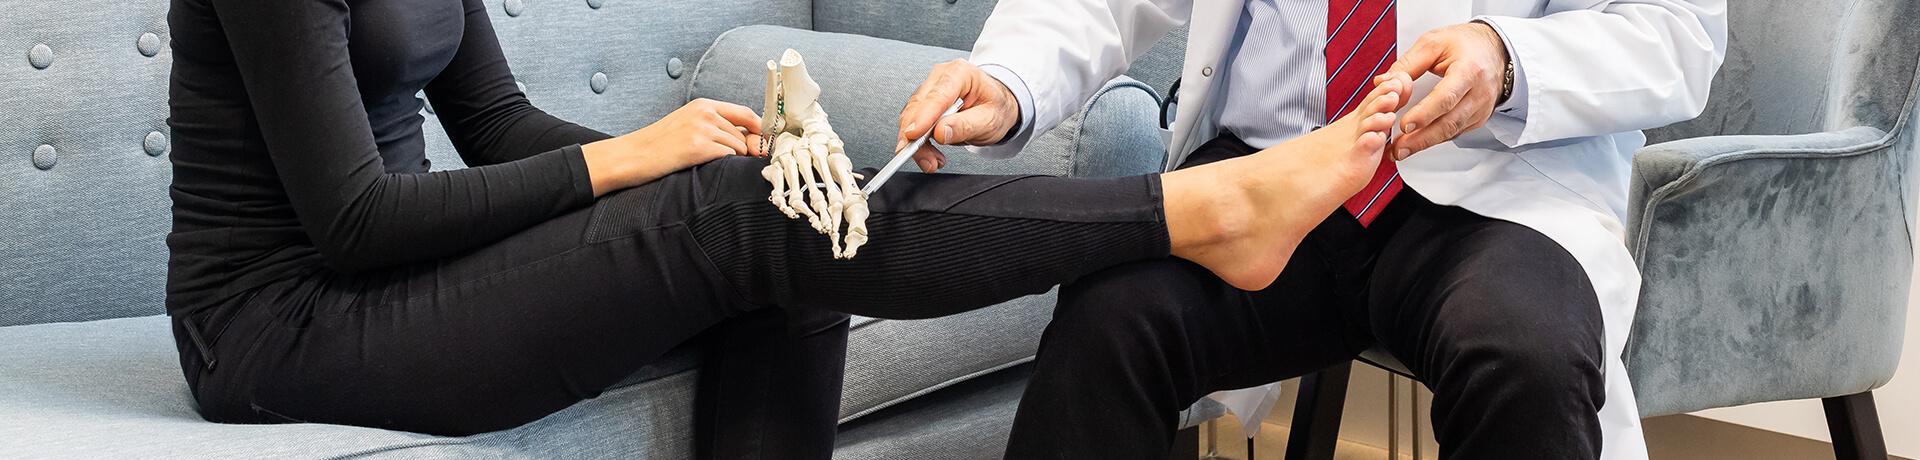 Fußchirurgie in der Clinic Bel Etage Düsseldorf